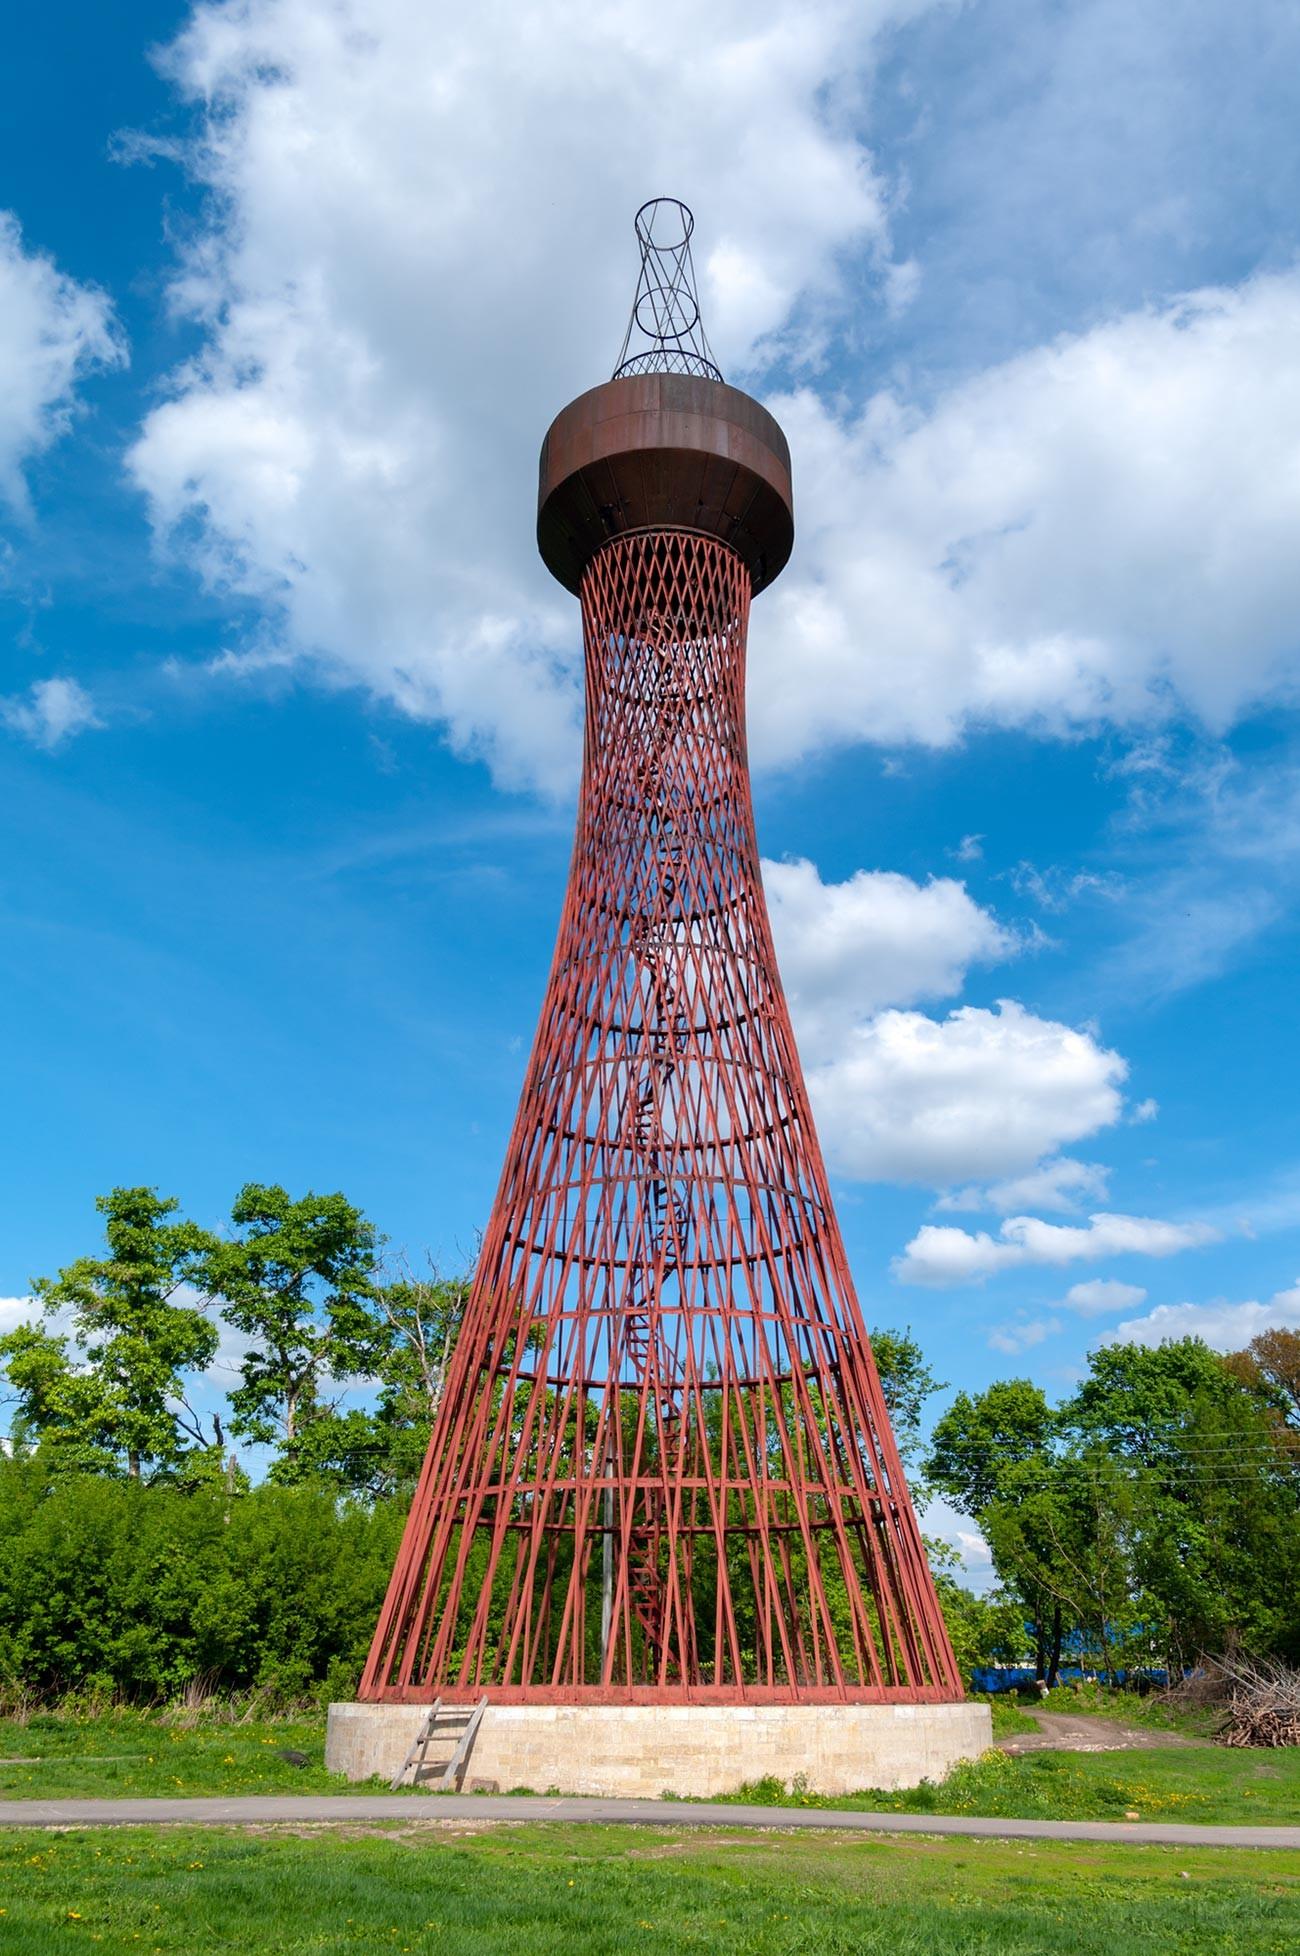 La prima torre iperboloide di Shukov a Polibino, nell'oblast' di Lipetsk